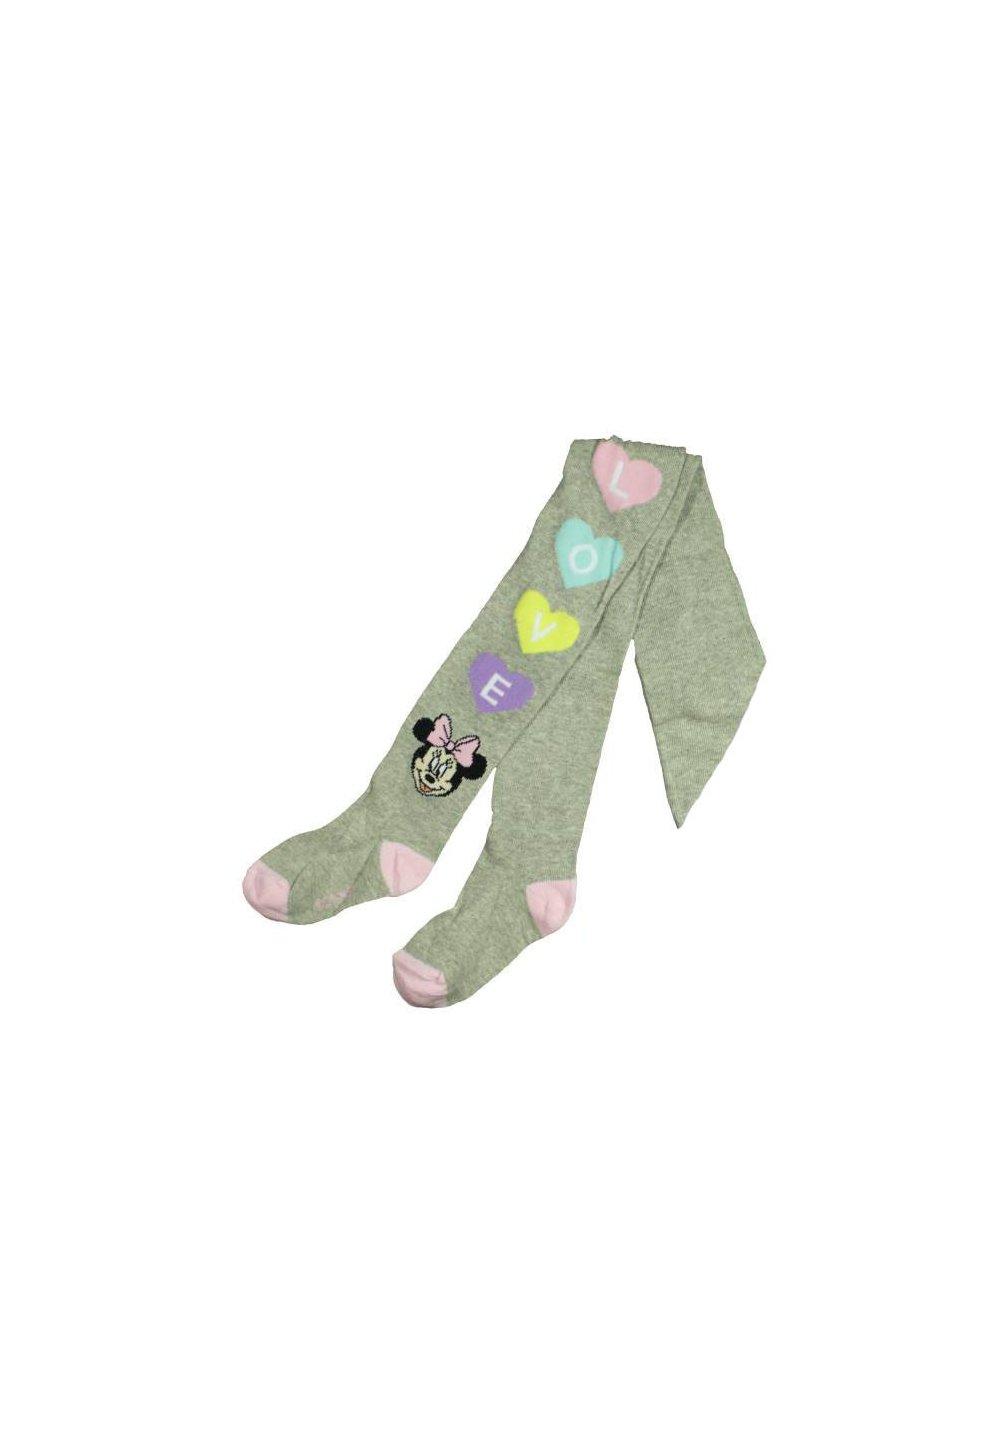 Ciorapi cu chilot, gri, Love, Minnie imagine